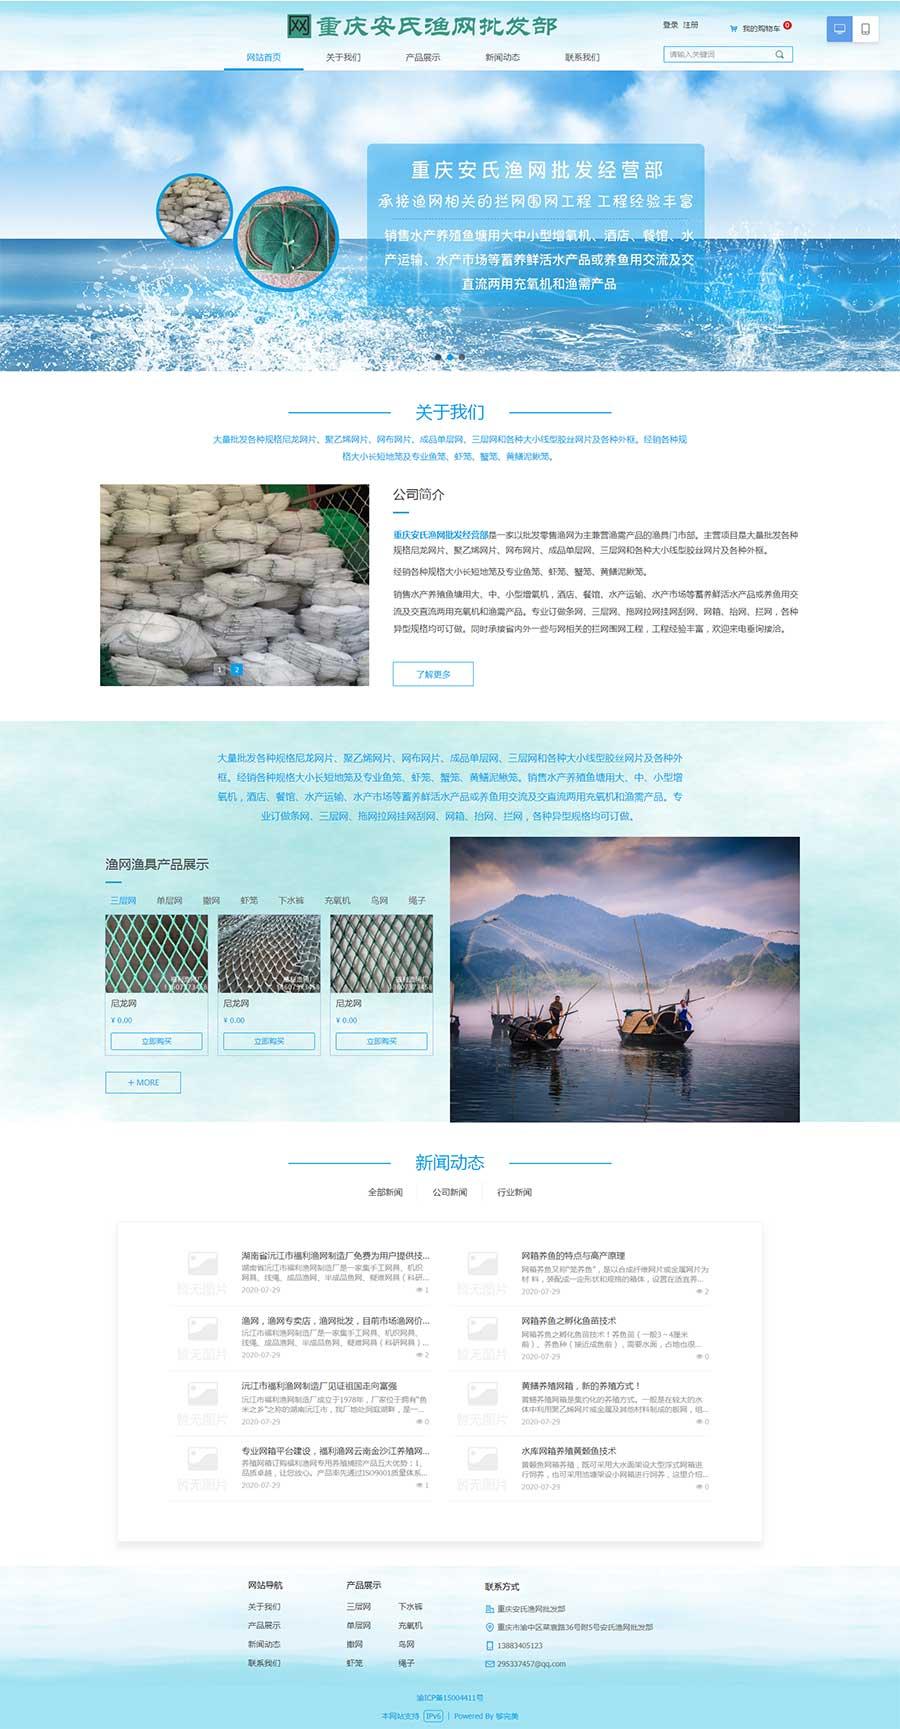 重庆安氏渔网批发经营部官网由够完美SAAS建站设计制作